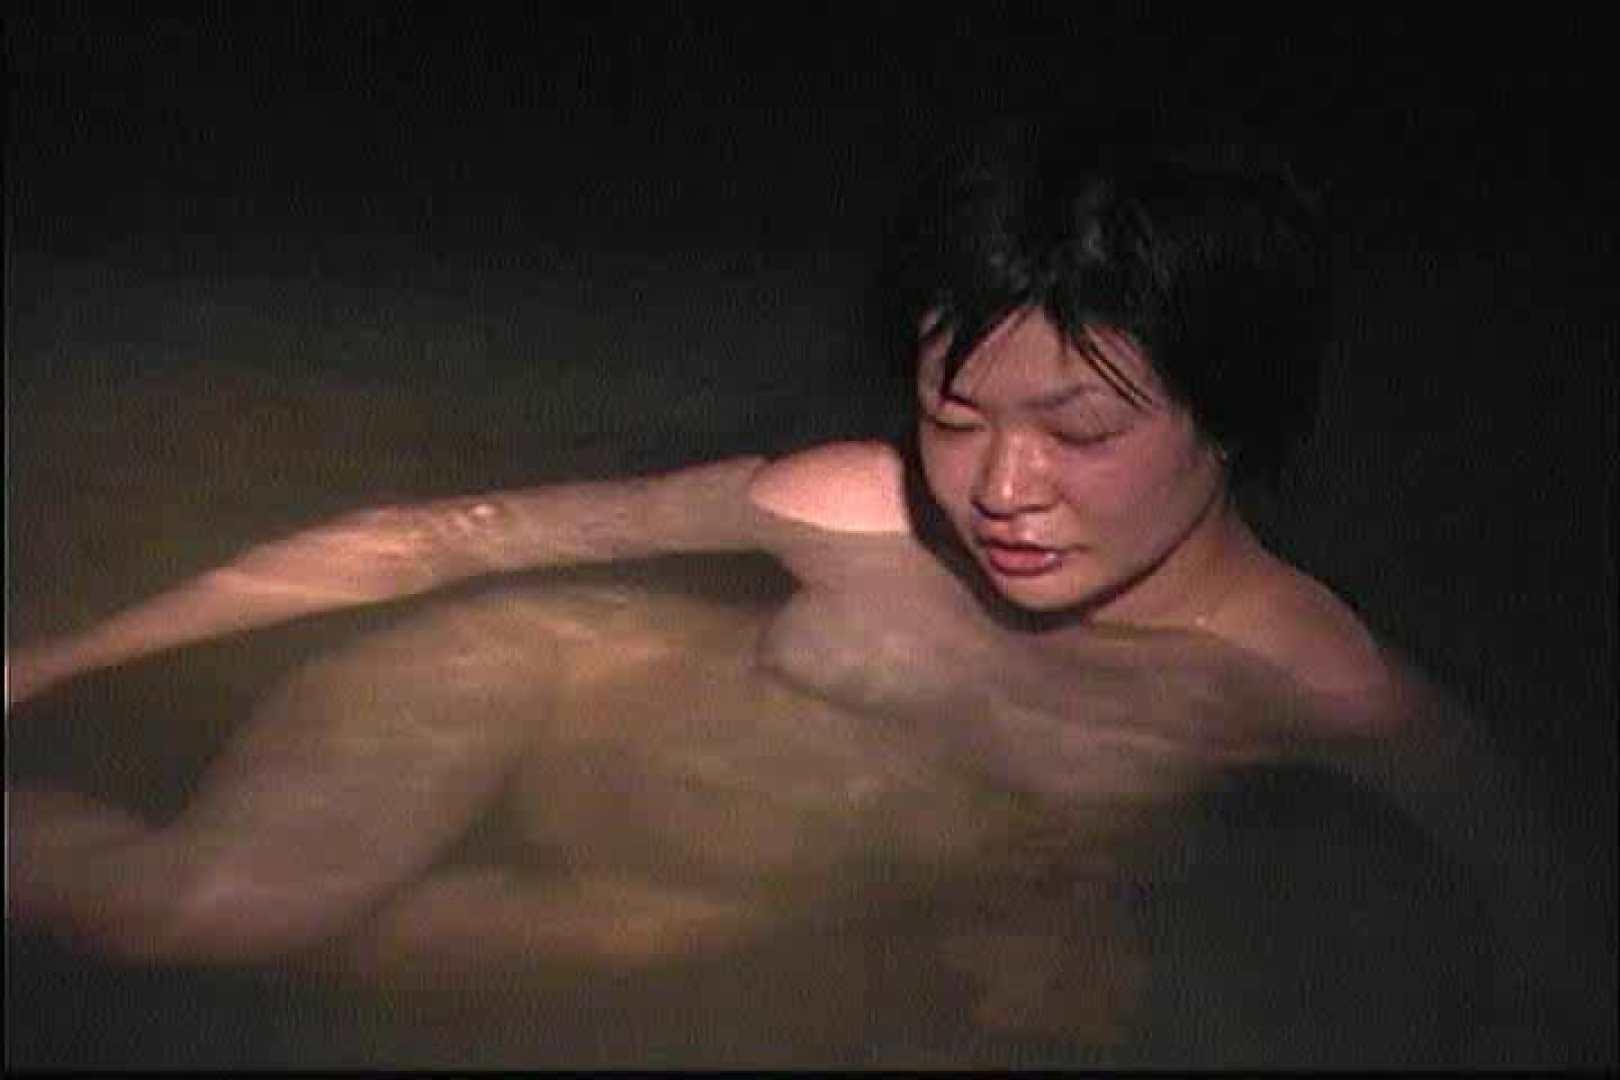 激撮!! 接写天井裏の刺客Vol.7 美しいOLの裸体  102pic 76